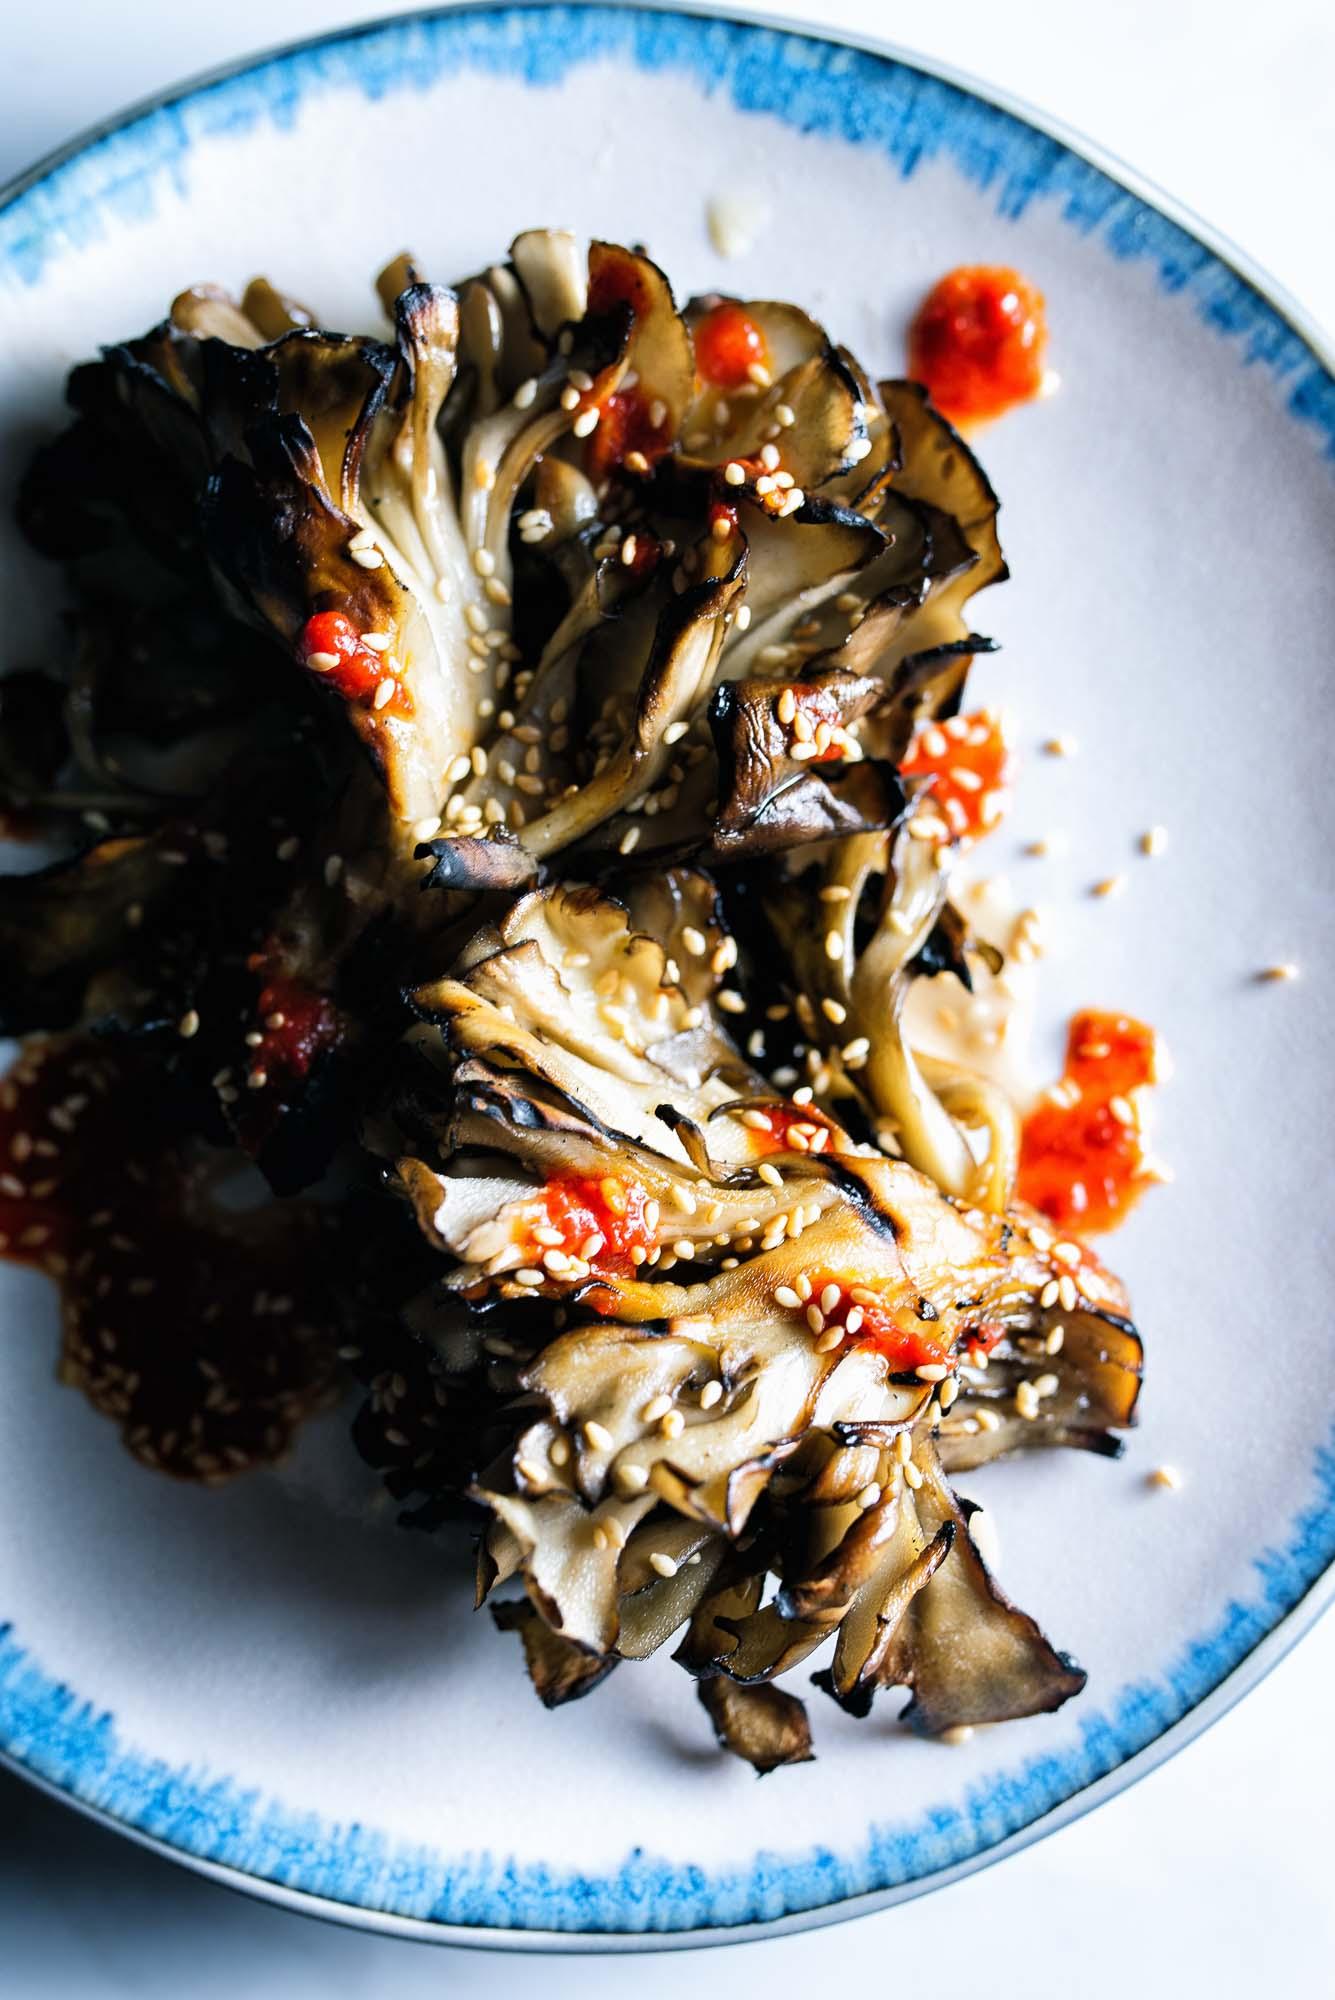 Grilled Mushrooms - harissa, tahini, sesame seeds